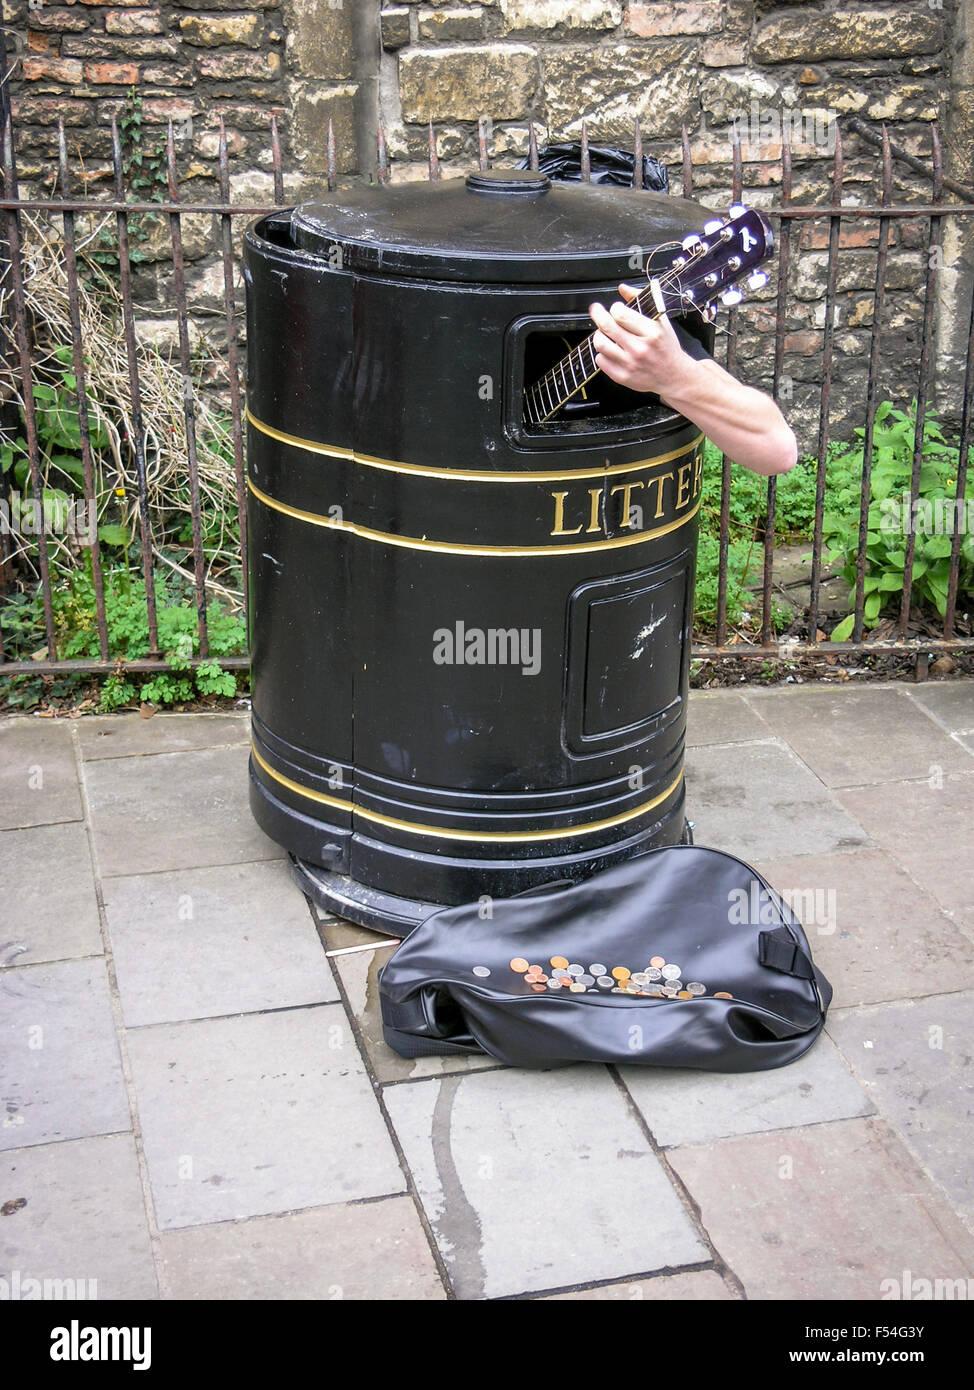 Busker sings in a litter bin, Cambridge, United Kingdom Stock Photo